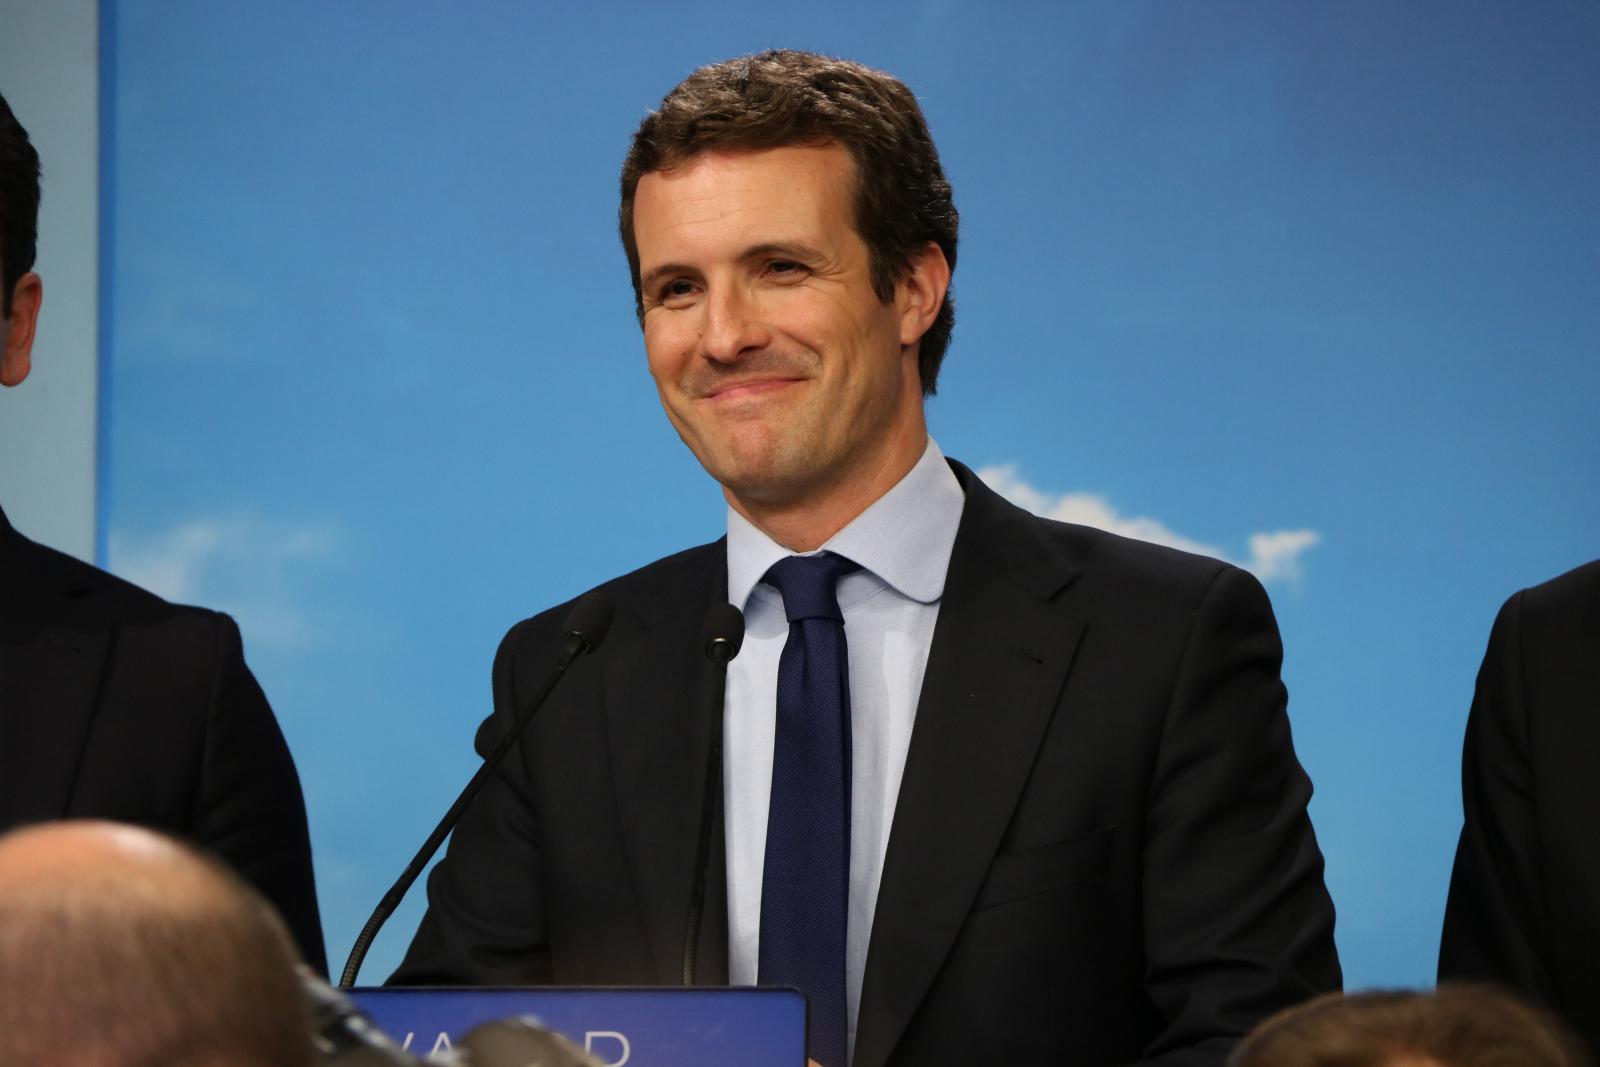 El president del PP, Pablo Casado, a la roda de premsa per valorar els resultats electorals de les espanyoles